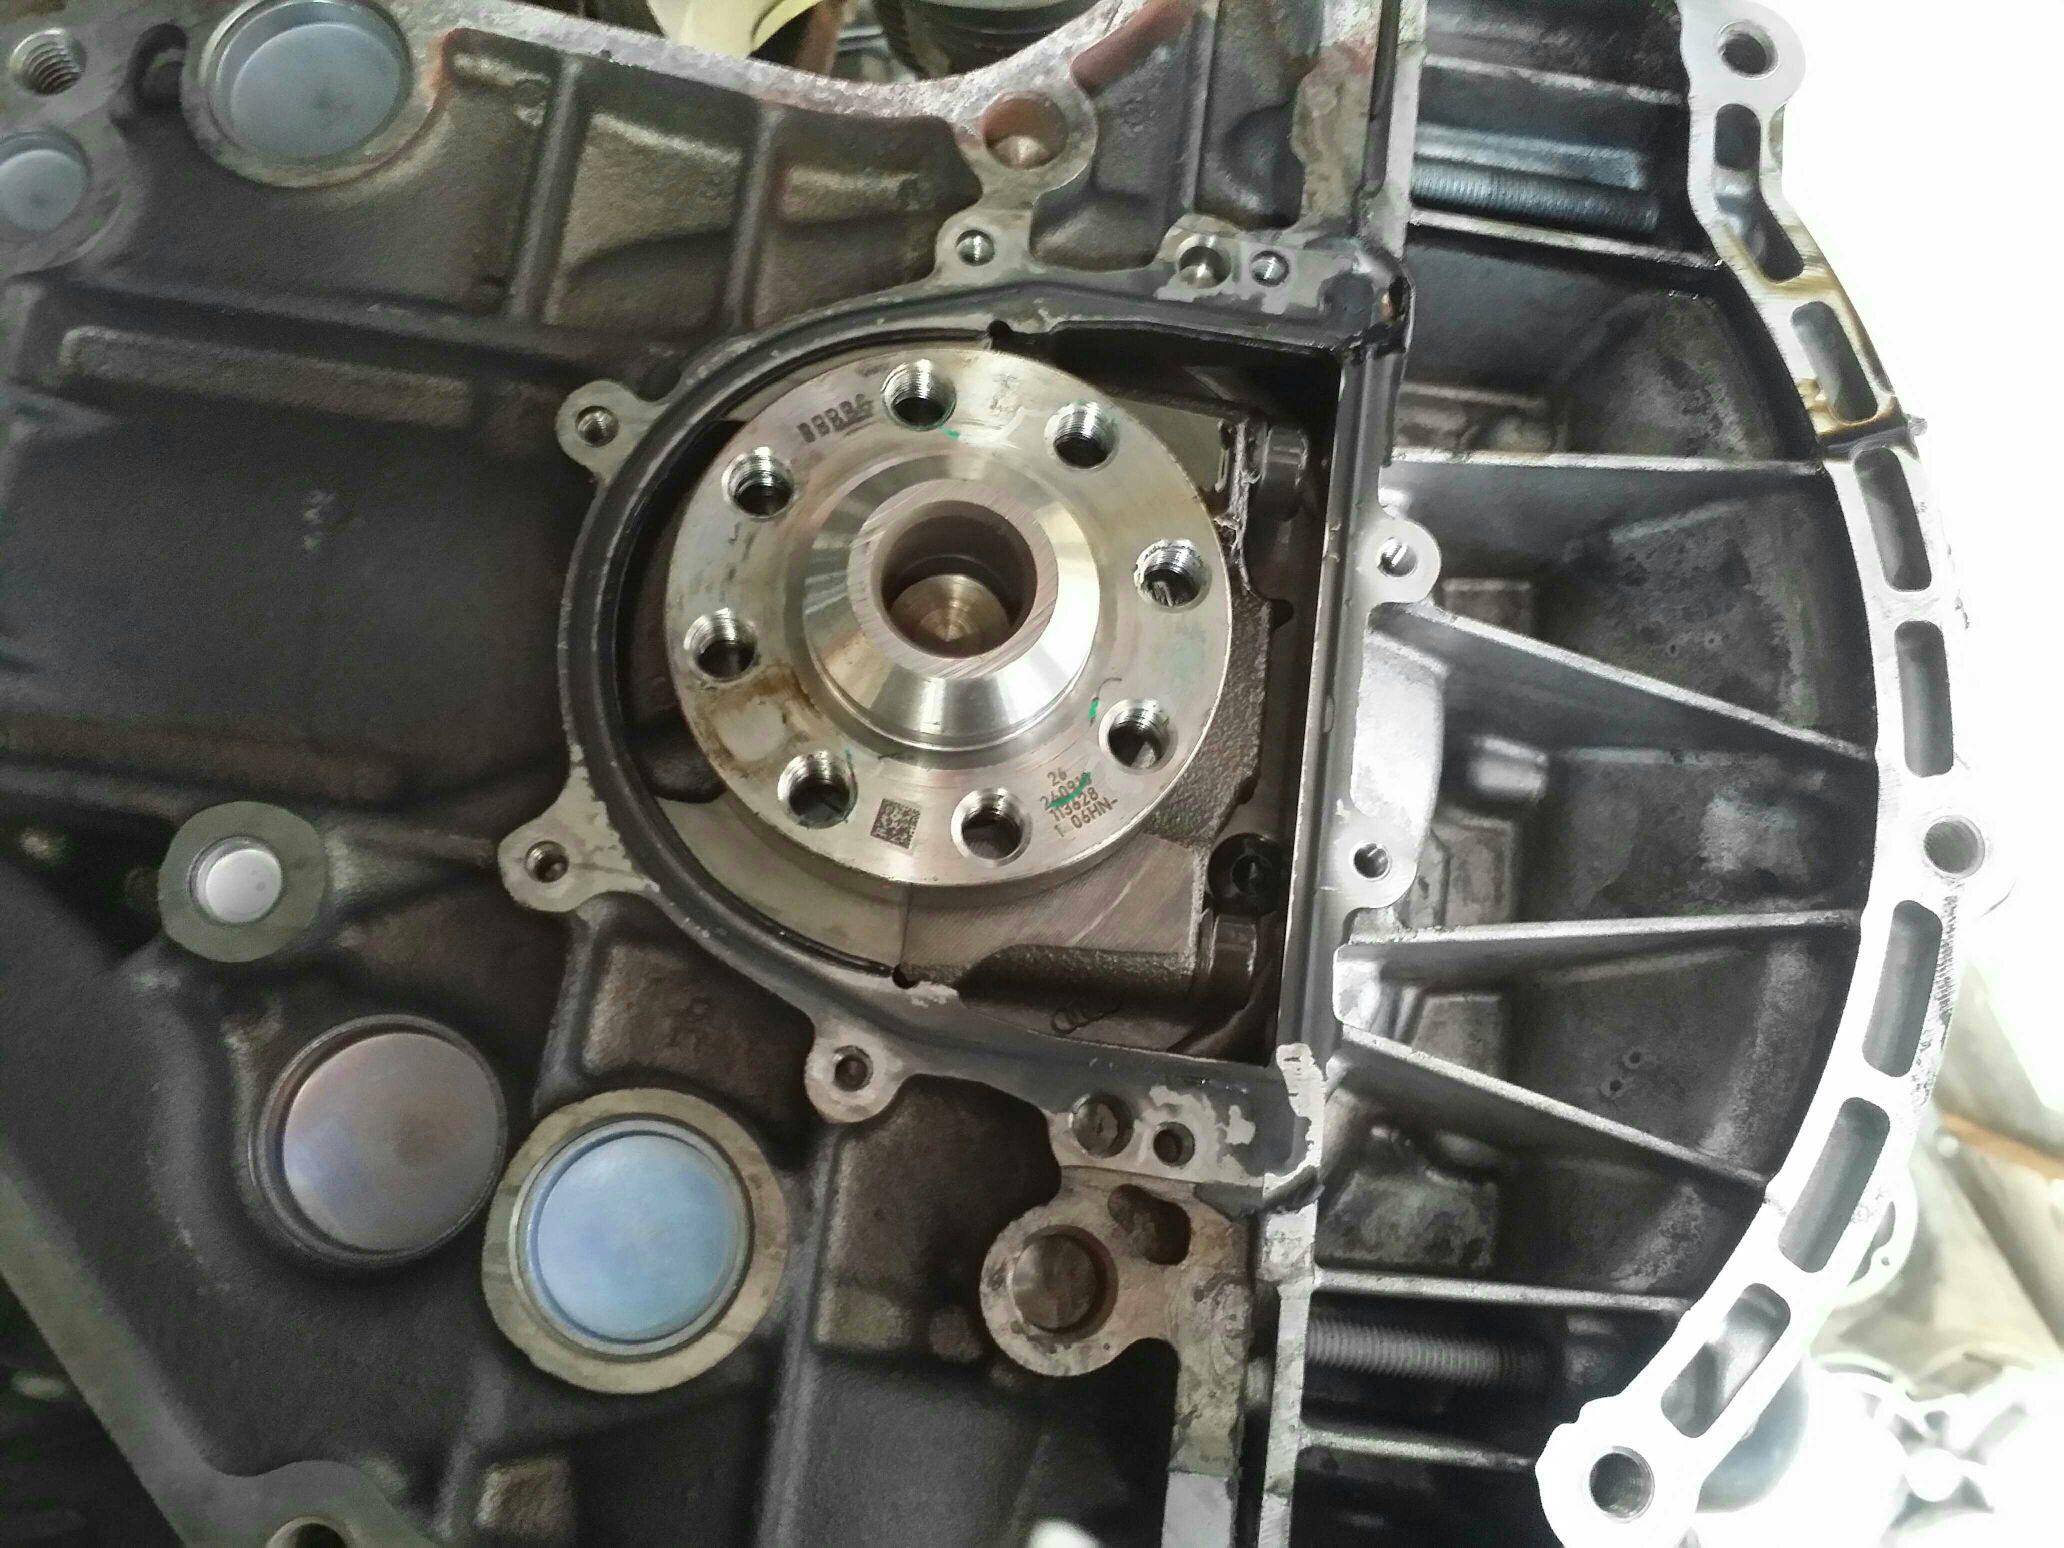 vwvortex com quick rear main seal help rh forums vwvortex com Audi A3 V6 Audi A3 TDI